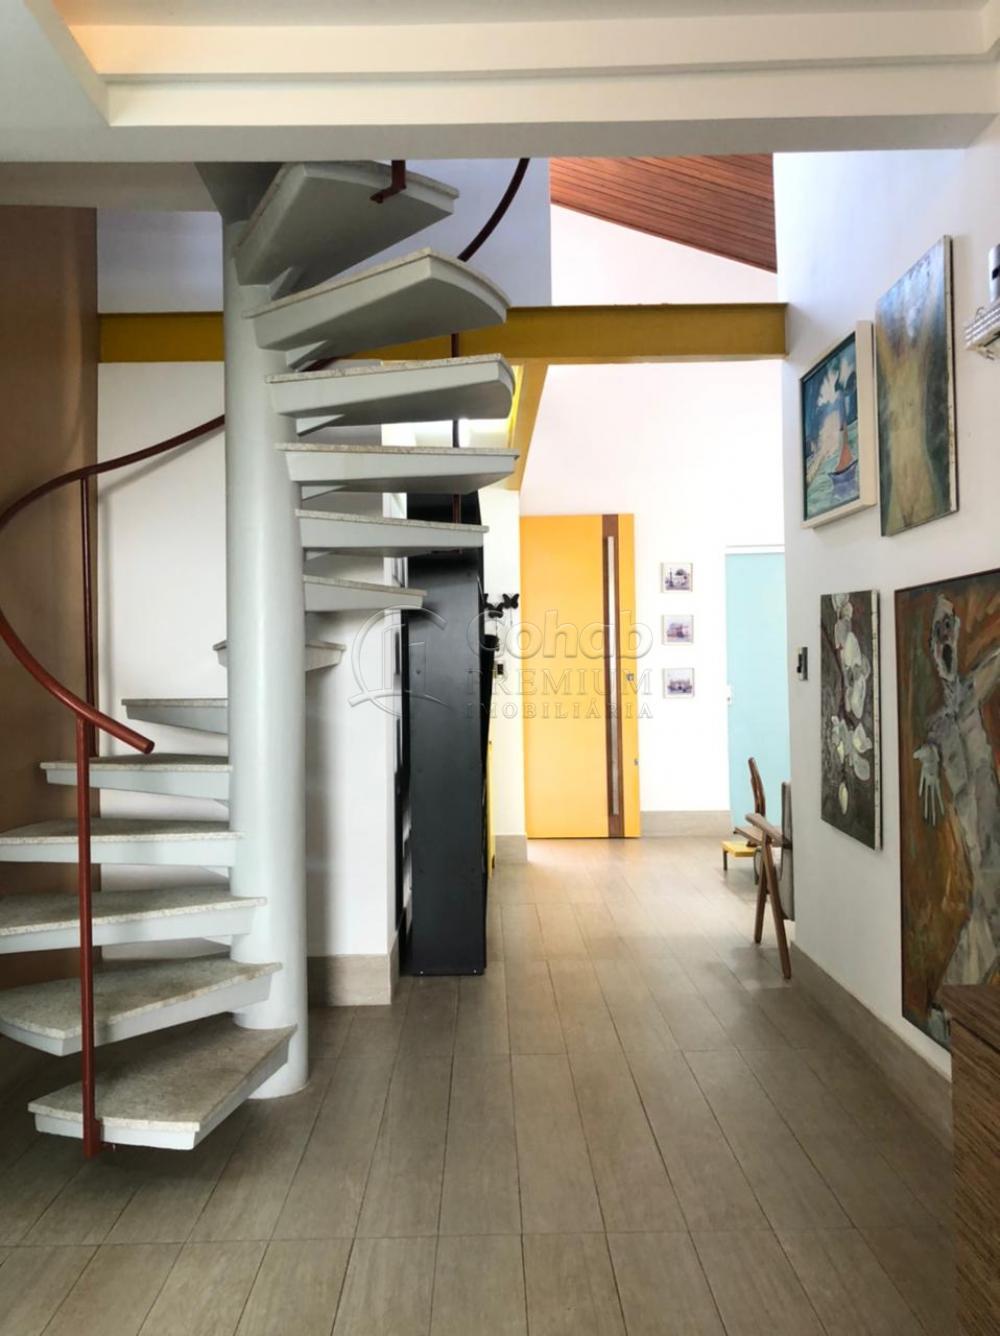 Comprar Casa / Condomínio em Aracaju apenas R$ 850.000,00 - Foto 12